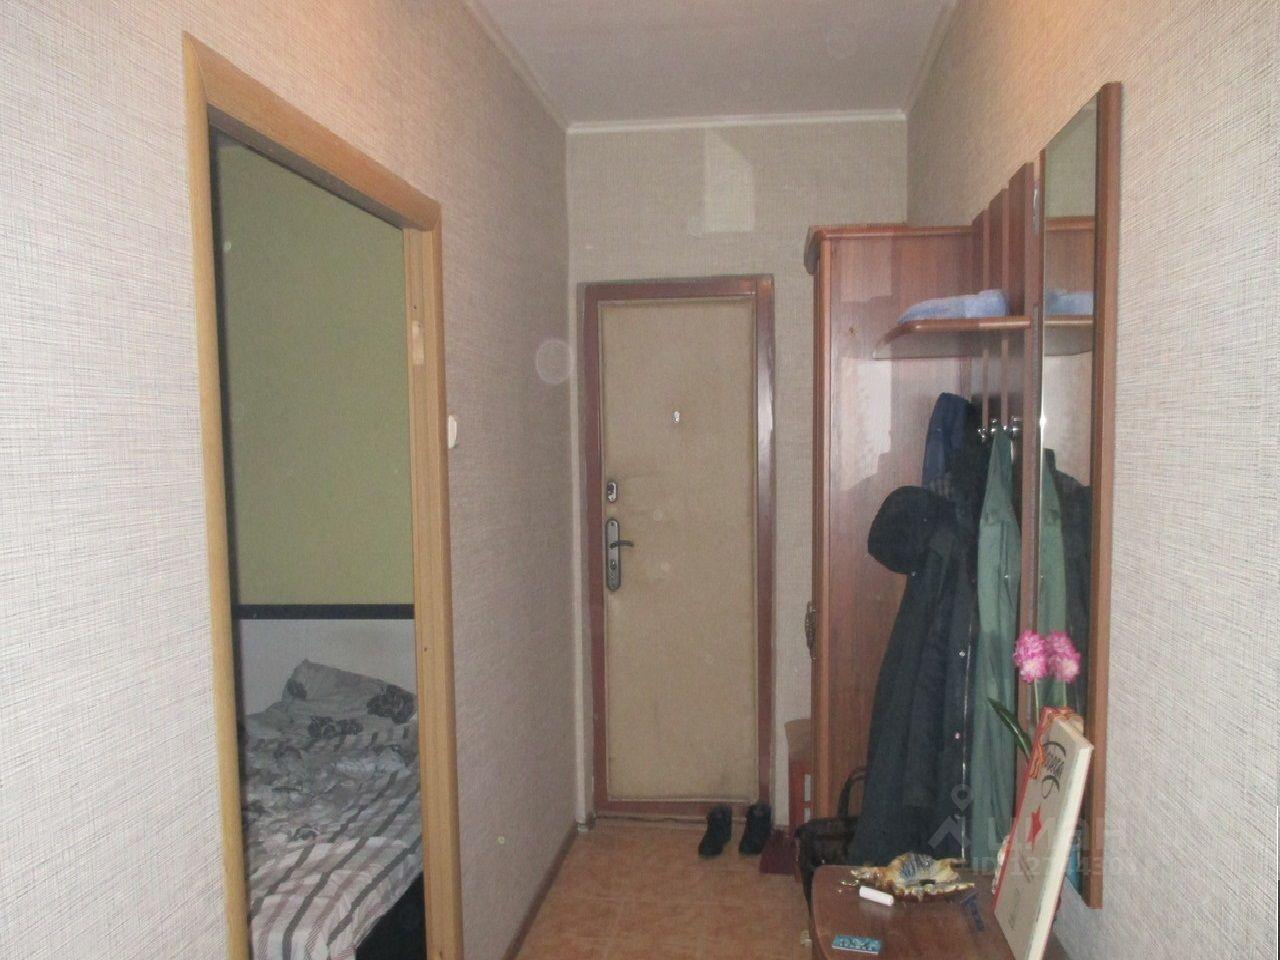 продам двухкомнатную квартиру город Москва, Лебедянская улица, д. 12К1